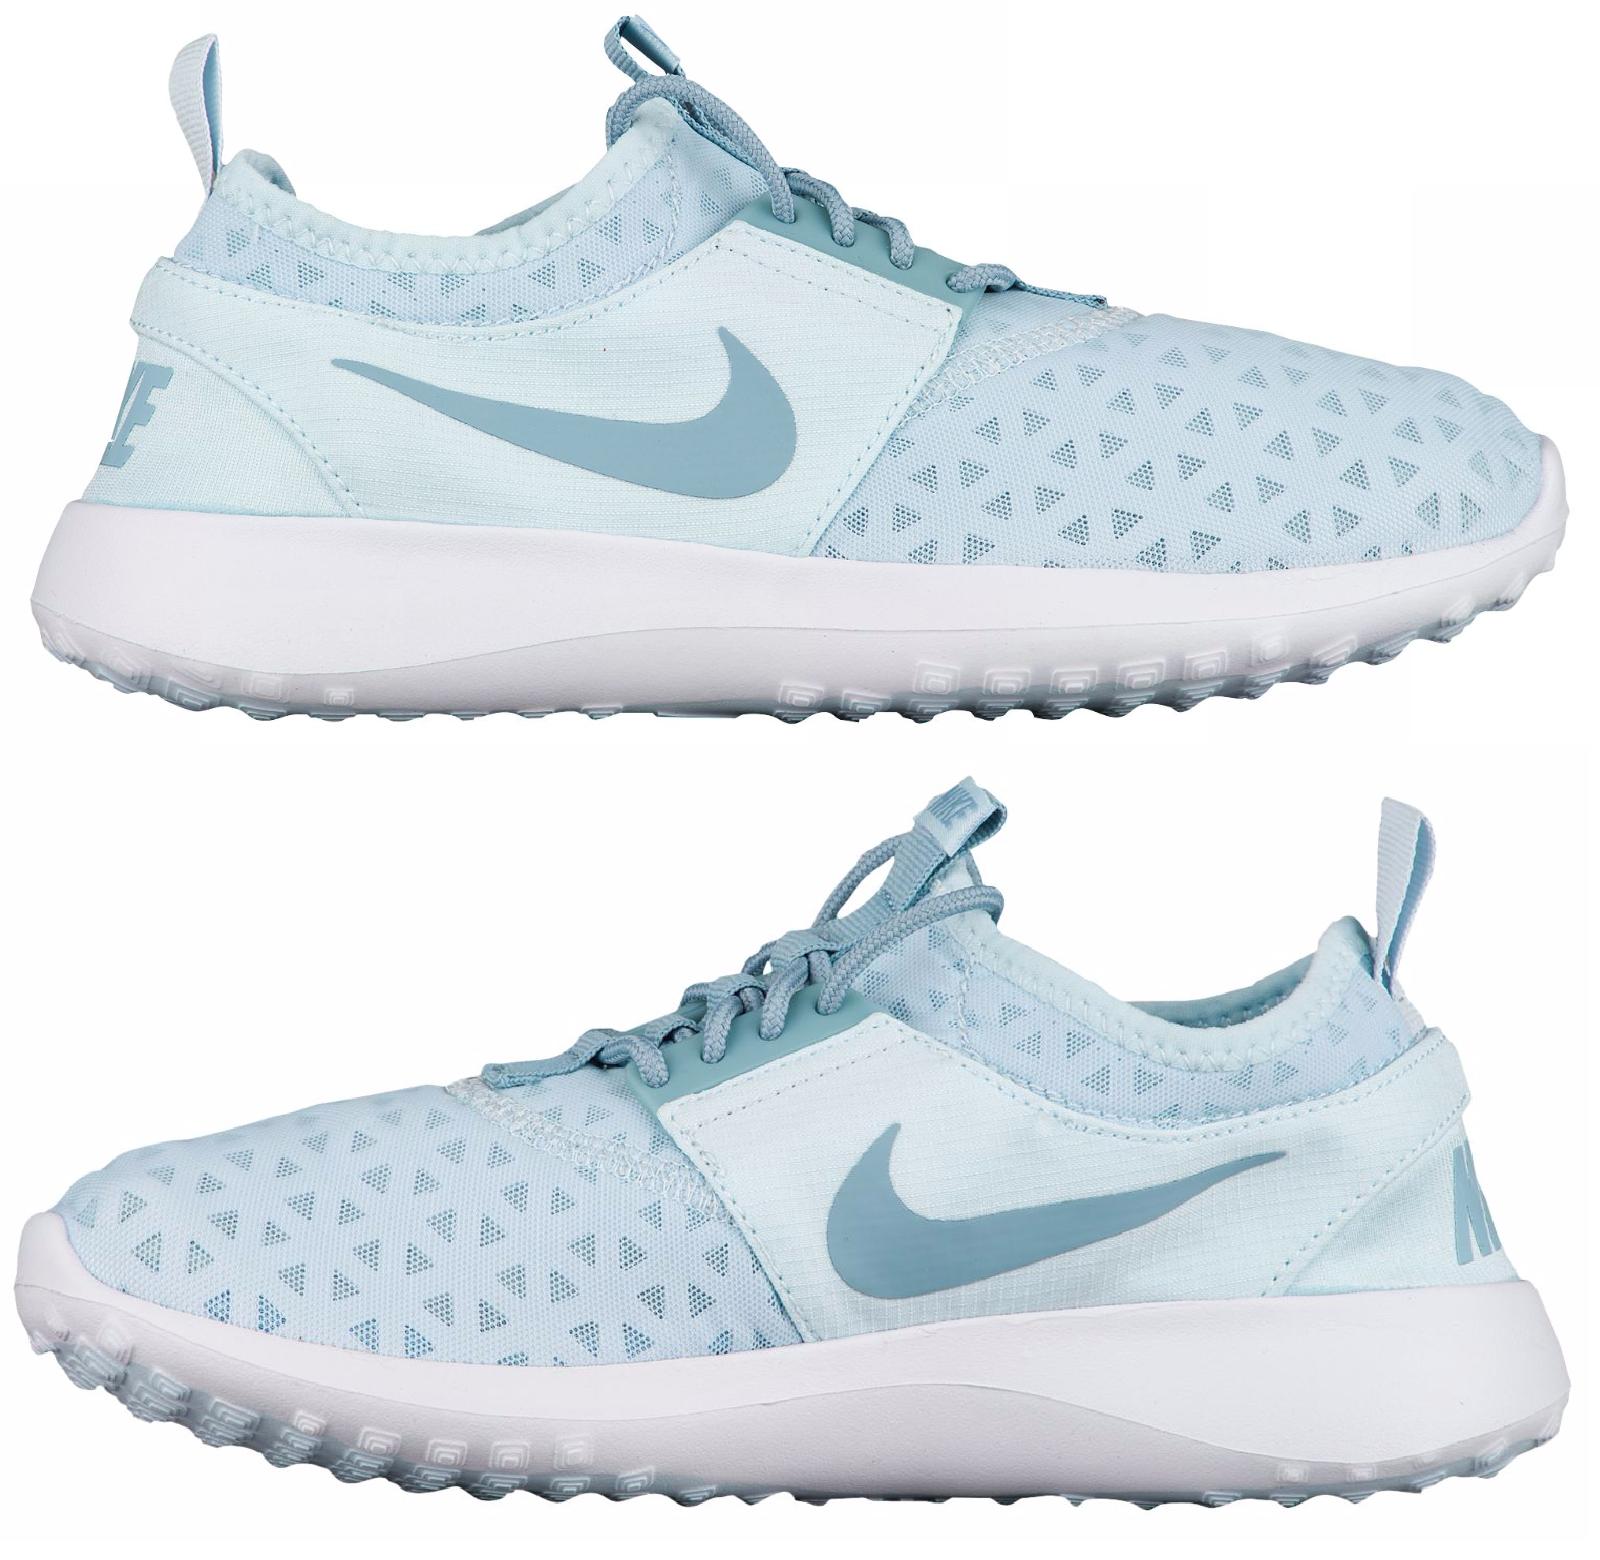 Nike Juvenate Freizeit Damen Freizeit Juvenate Netz Gletscher Blau - Mica - Weiß Authentisch Neu 213439